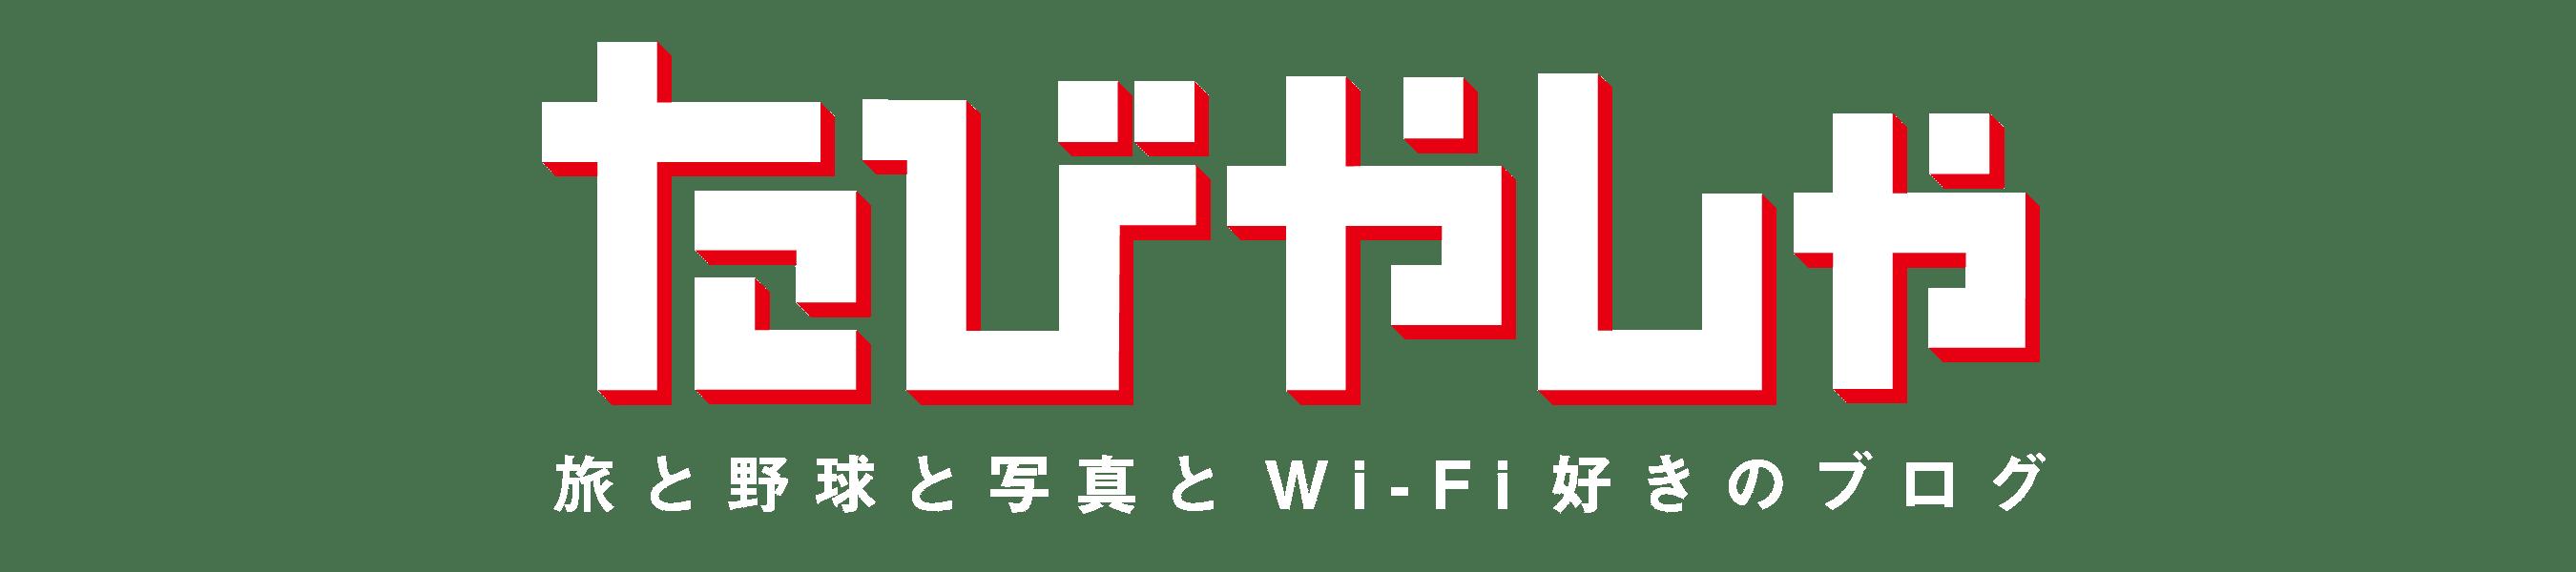 たびやしゃ|旅・野球・写真・Wi-Fi好きのためのブログ